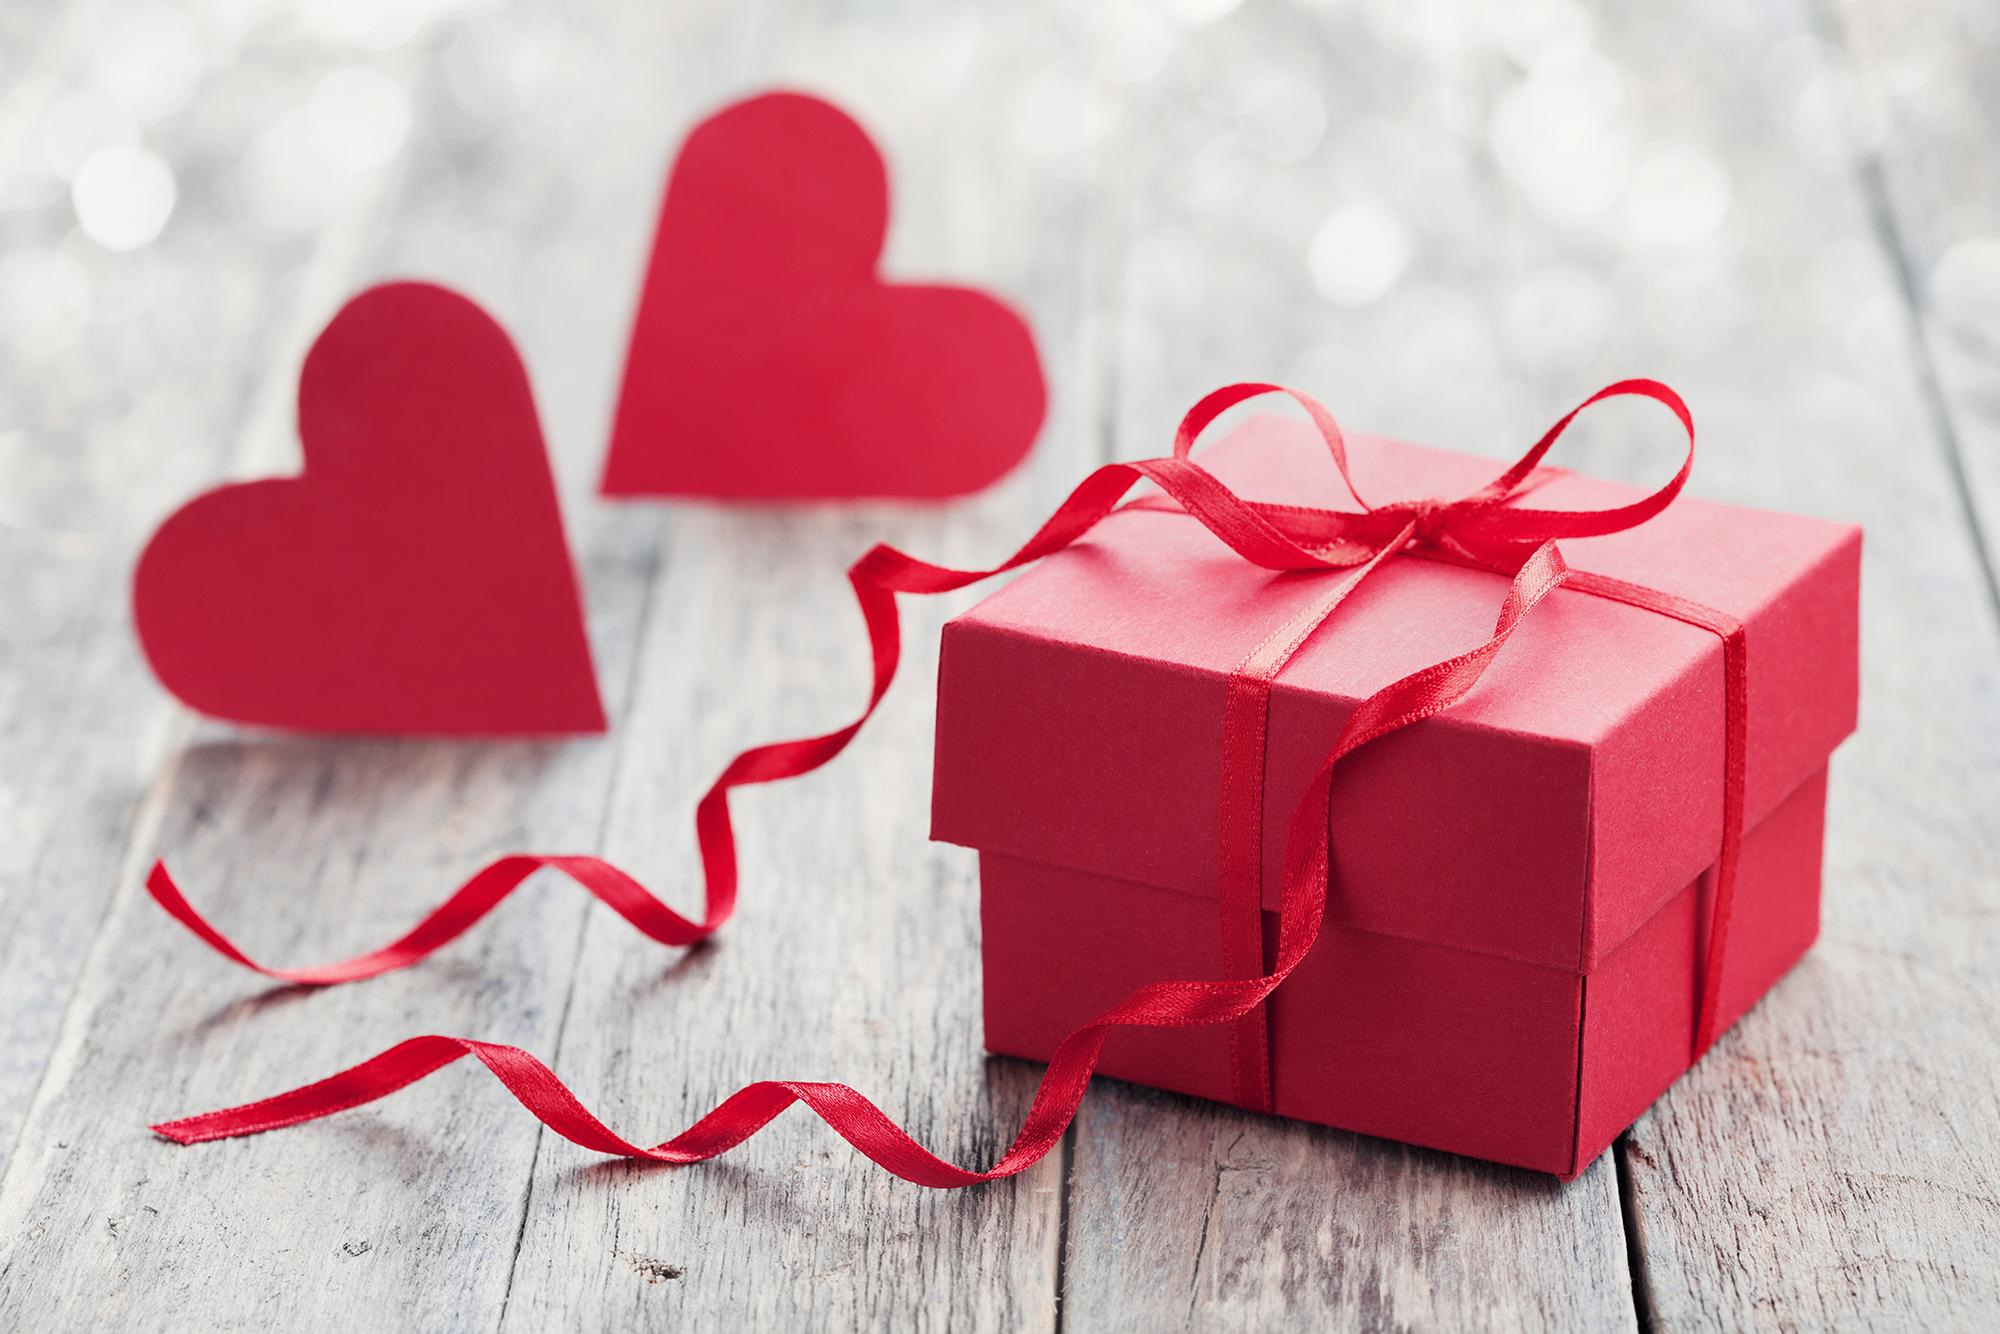 Sevgililer Günü'nde Hediye Alma Fikirleri